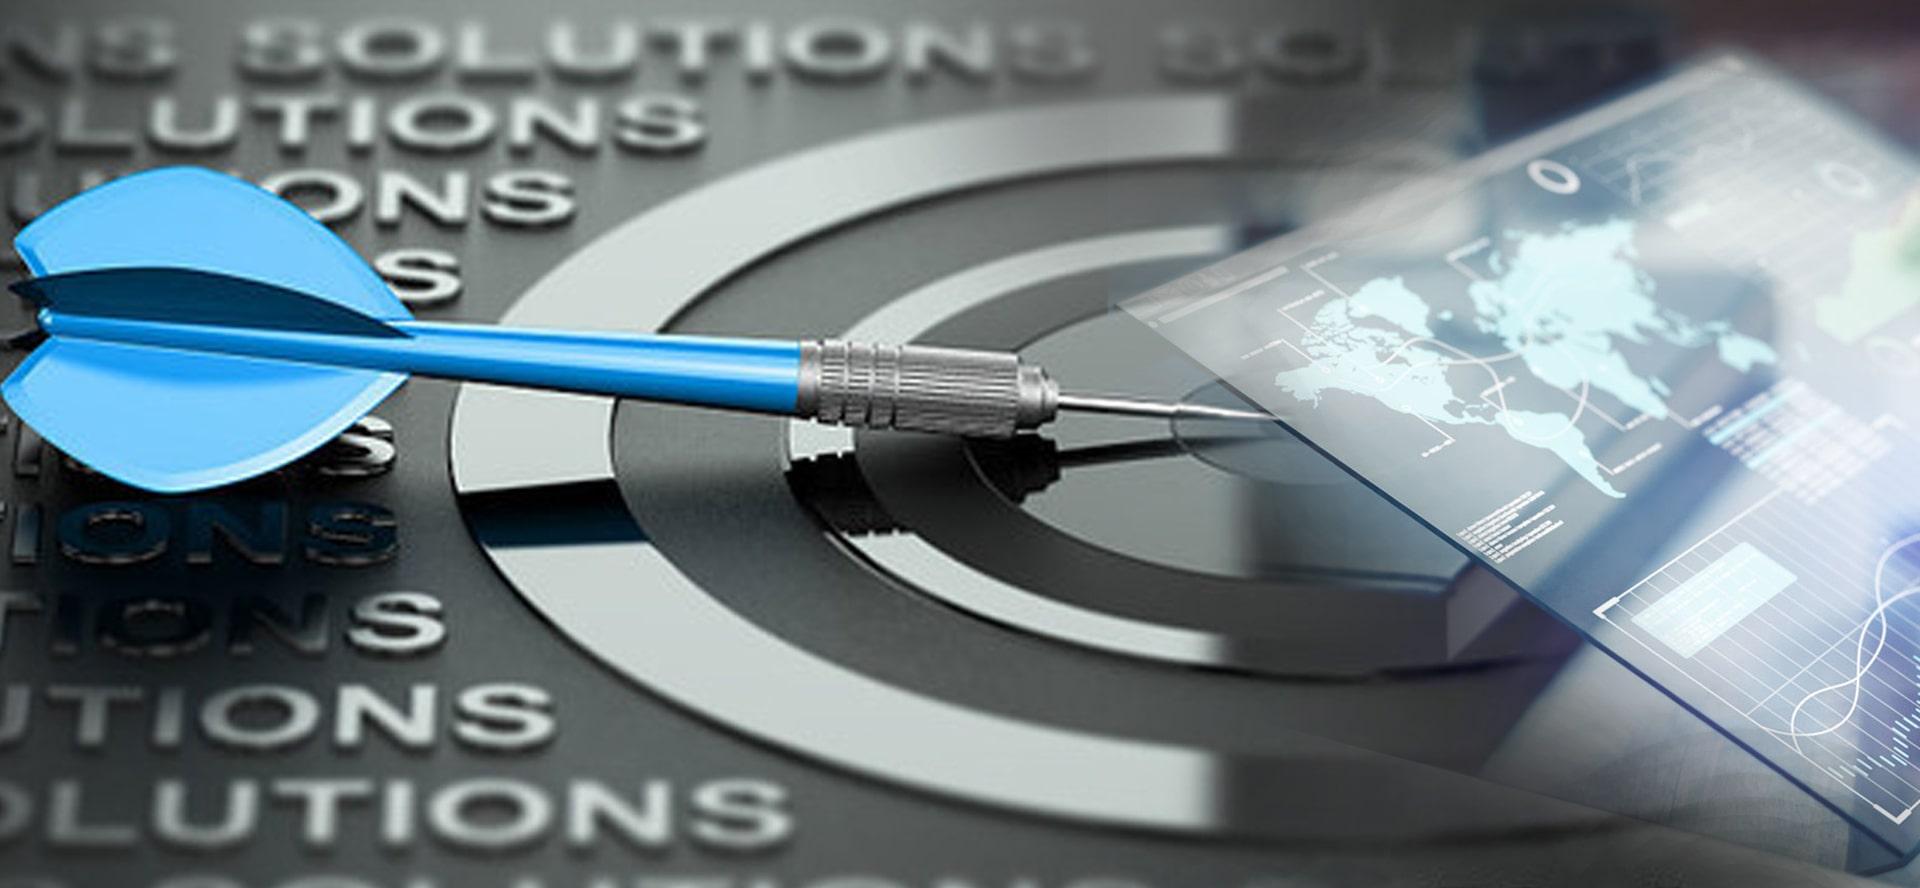 LandOnline Media Digital Solutions